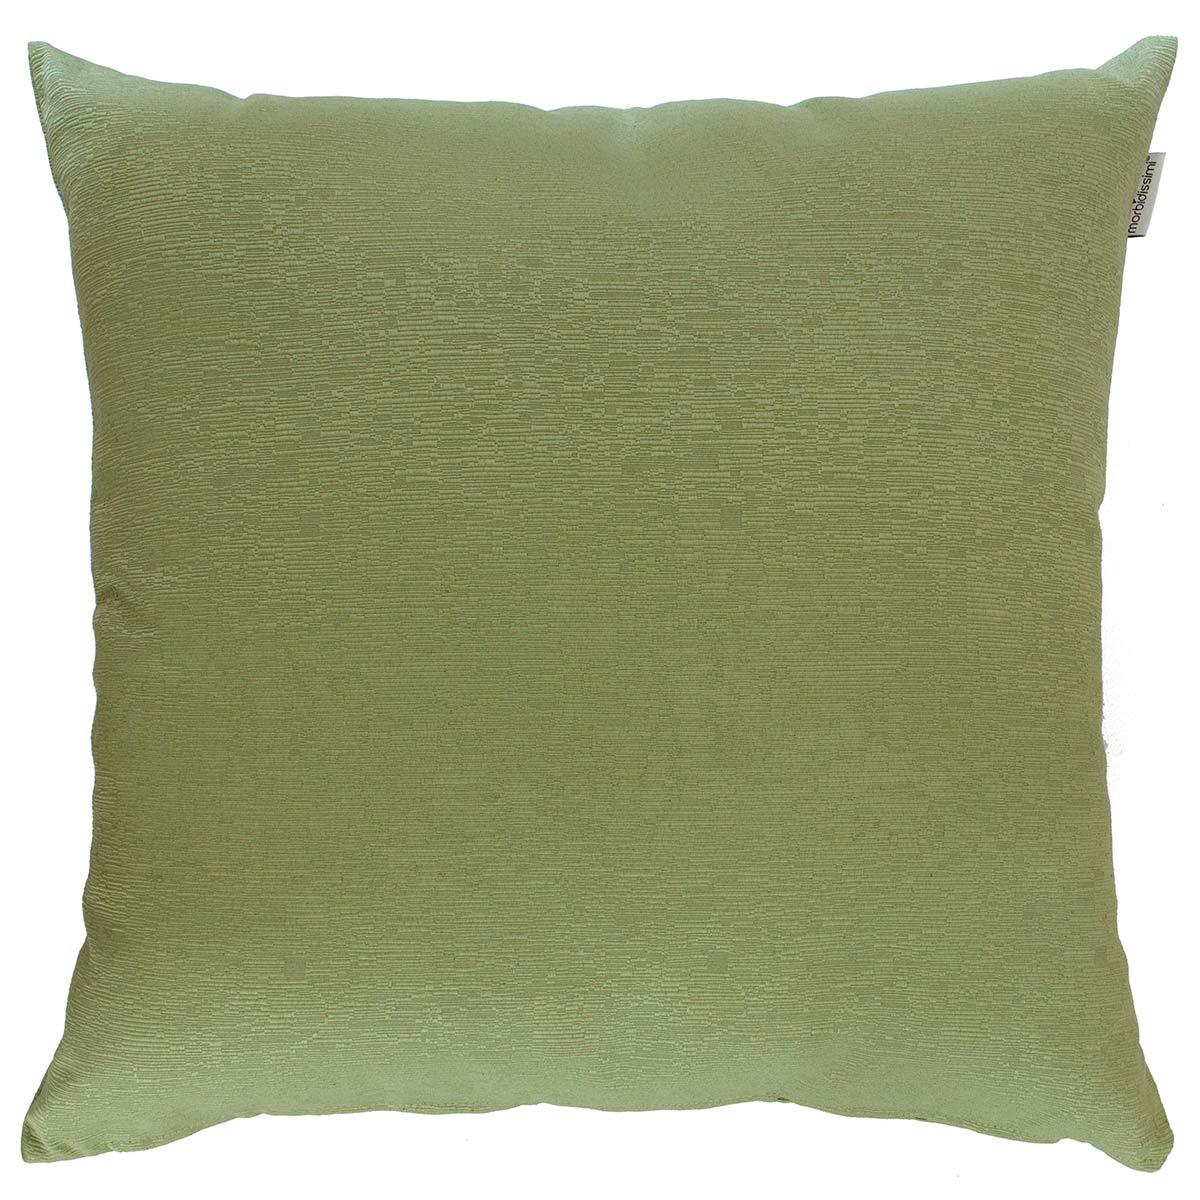 Cuscino arredo ottoman quadrato varie misure morbidissimi for Vendita cuscini arredo